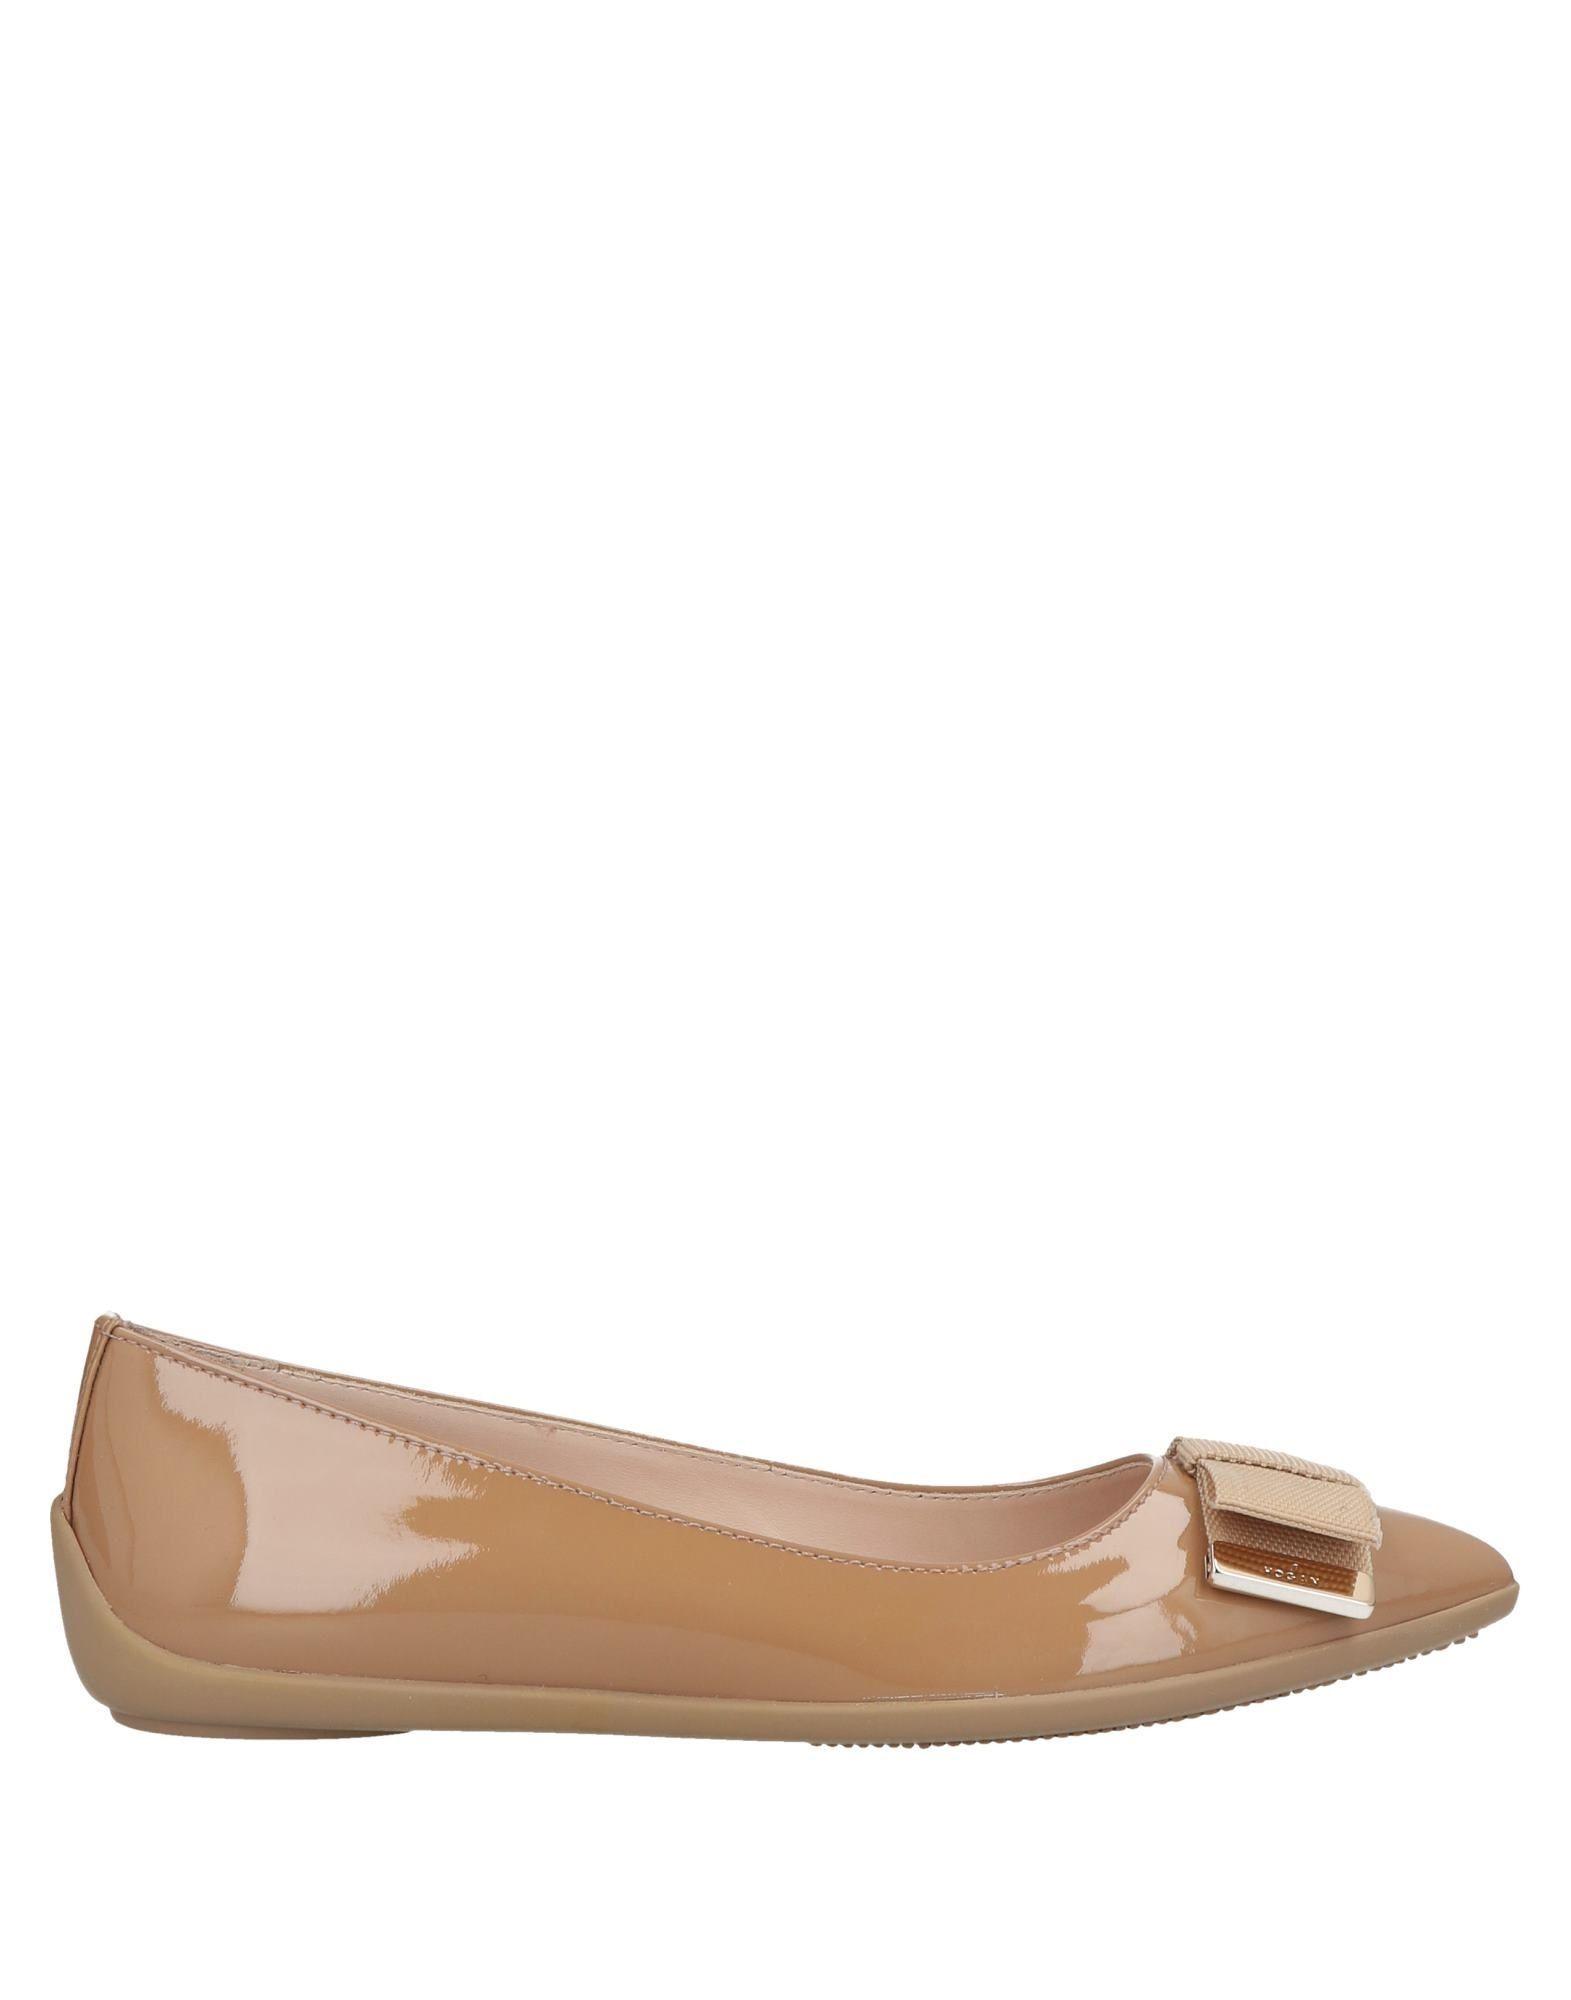 Hogan Camel Leather Ballet Flats